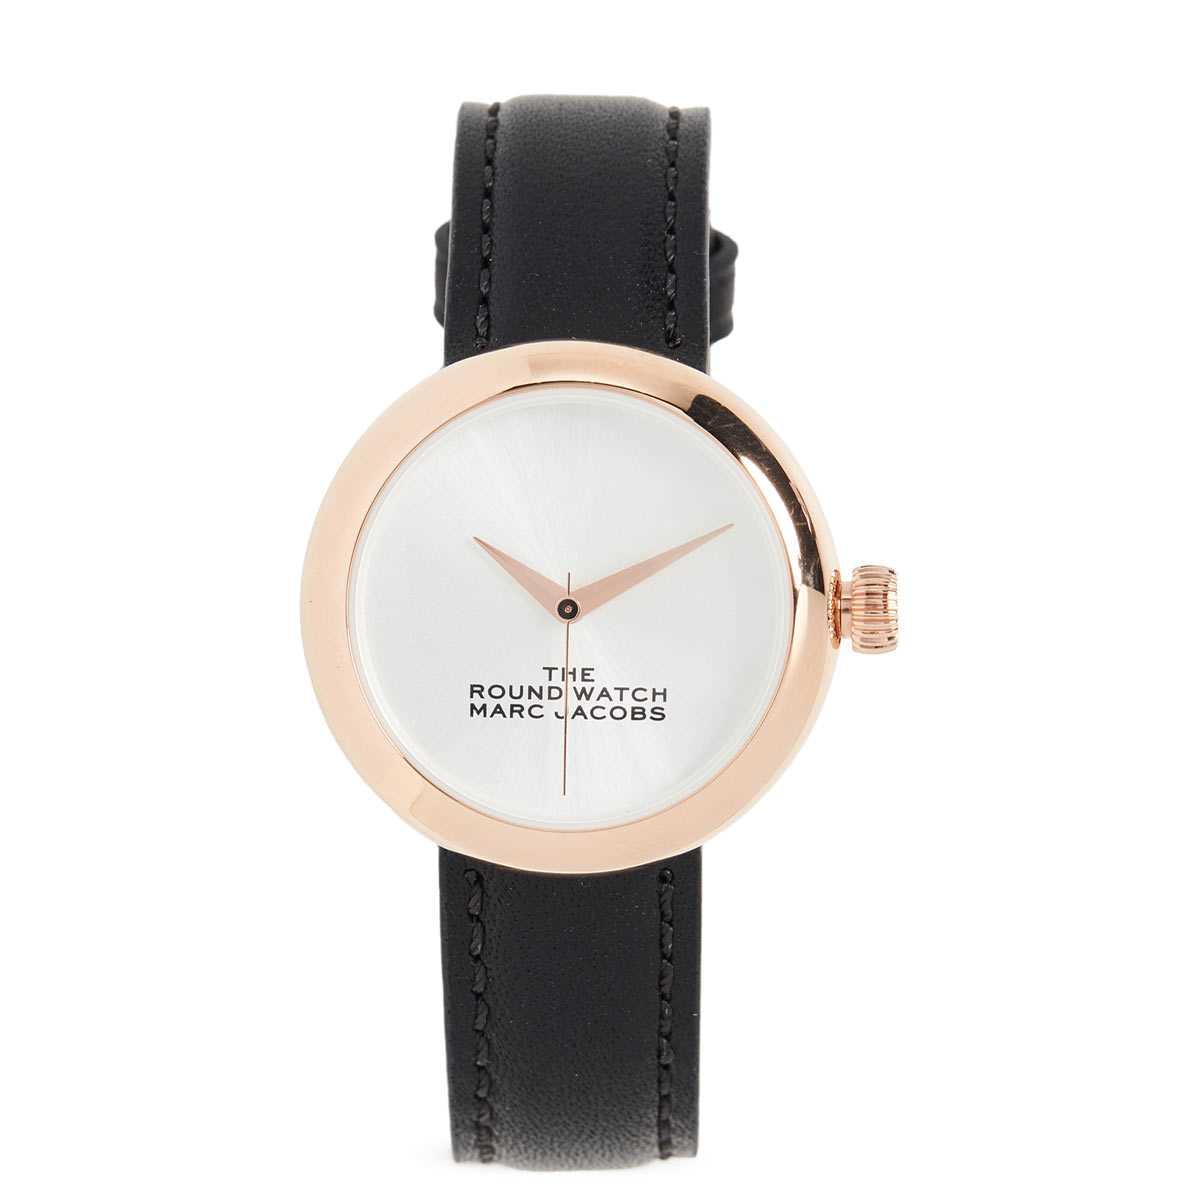 マークジェイコブス 時計 レディース 腕時計 セール 登場から人気沸騰 ブランド Jacobs The Marc おしゃれ 激安卸販売新品